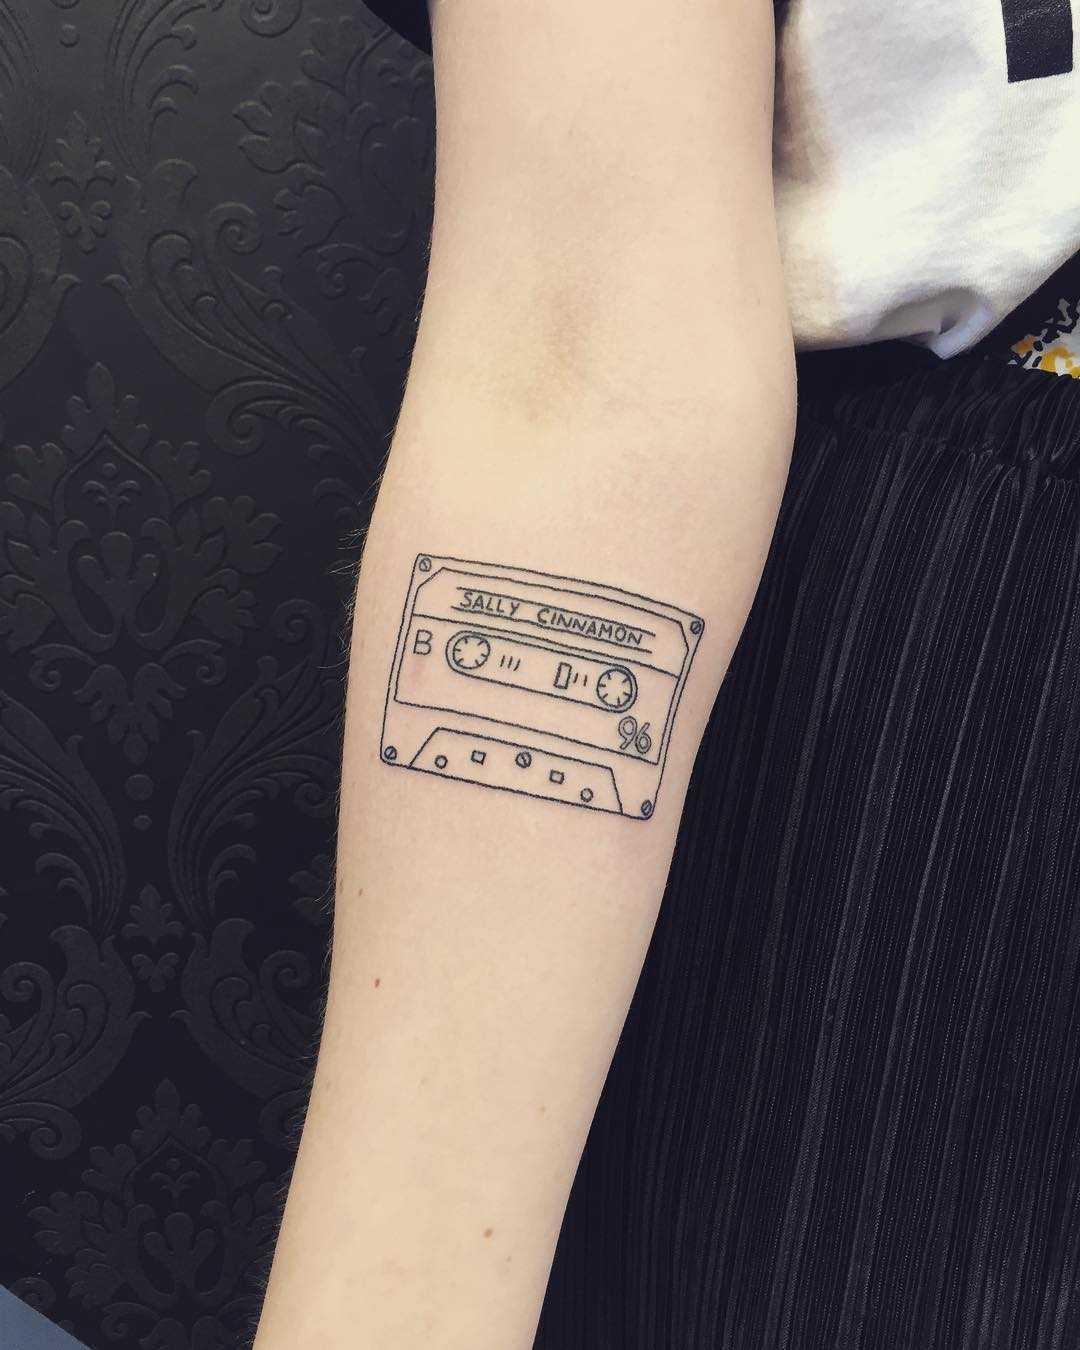 Cassette tape tattoo by Kirk Budden